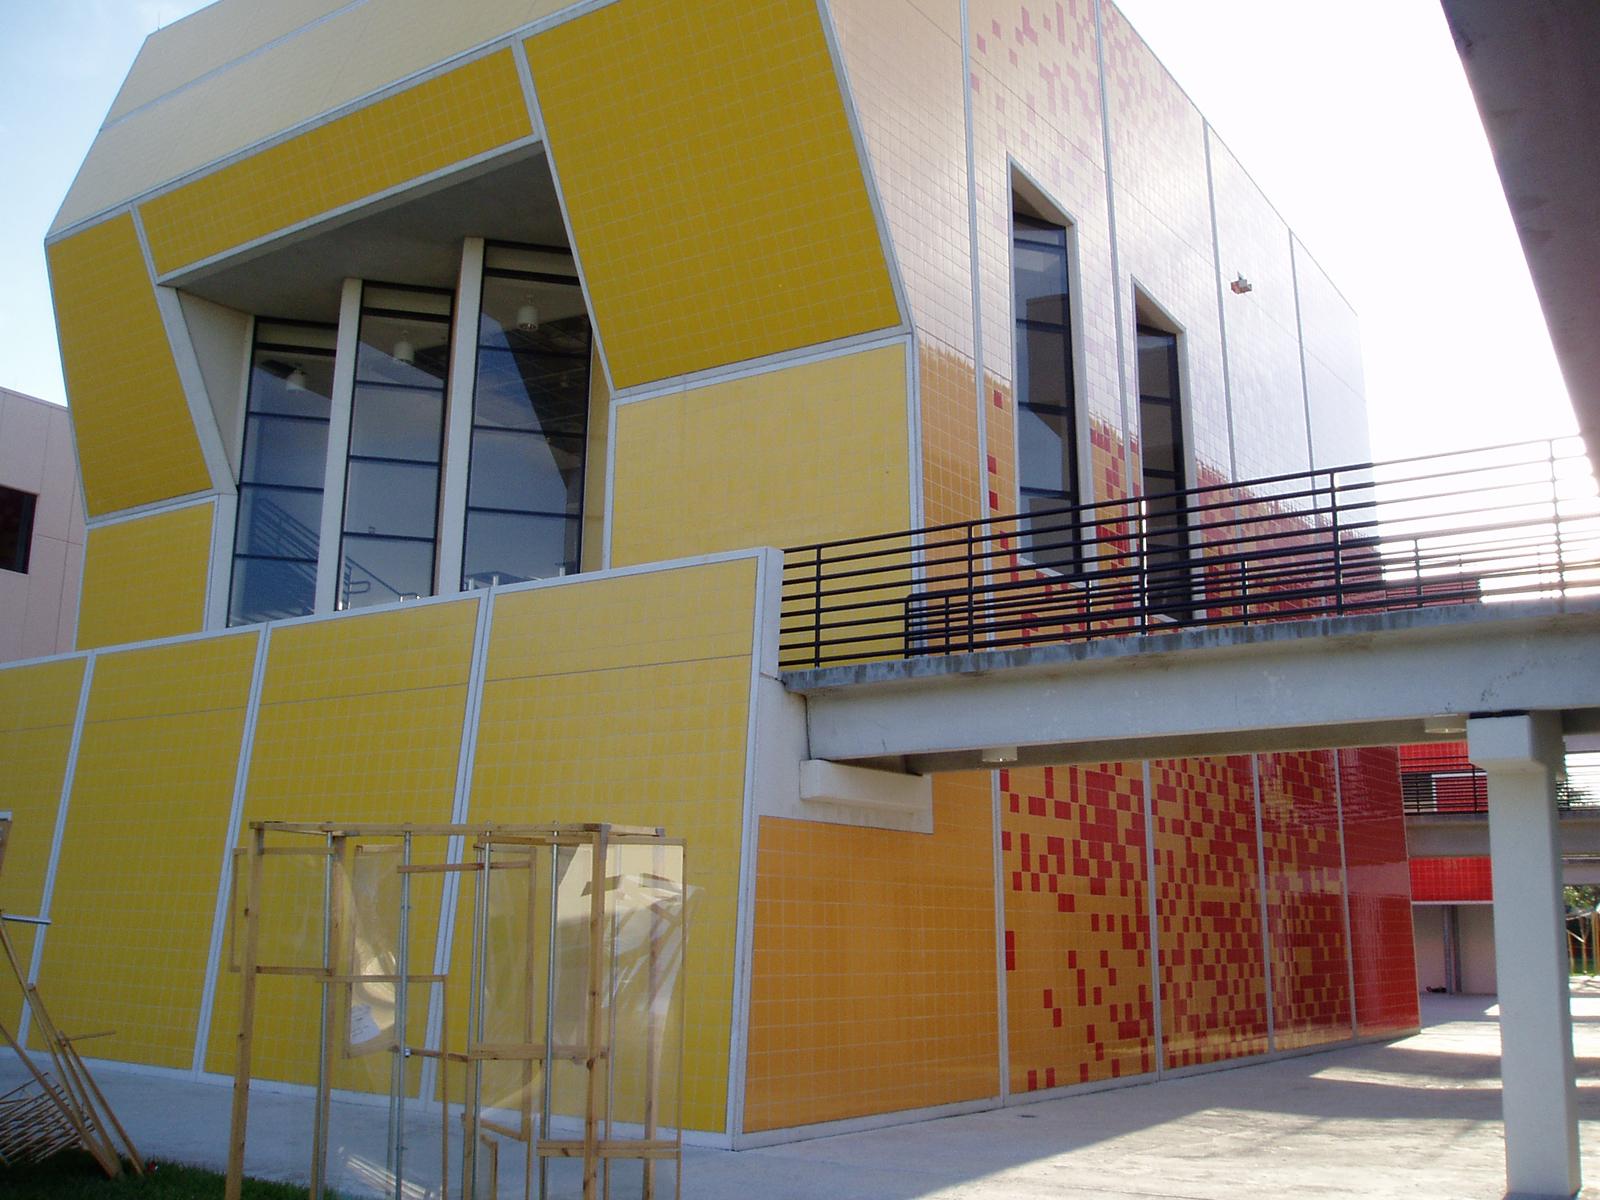 paul l cejas school of architecture miami marazzi